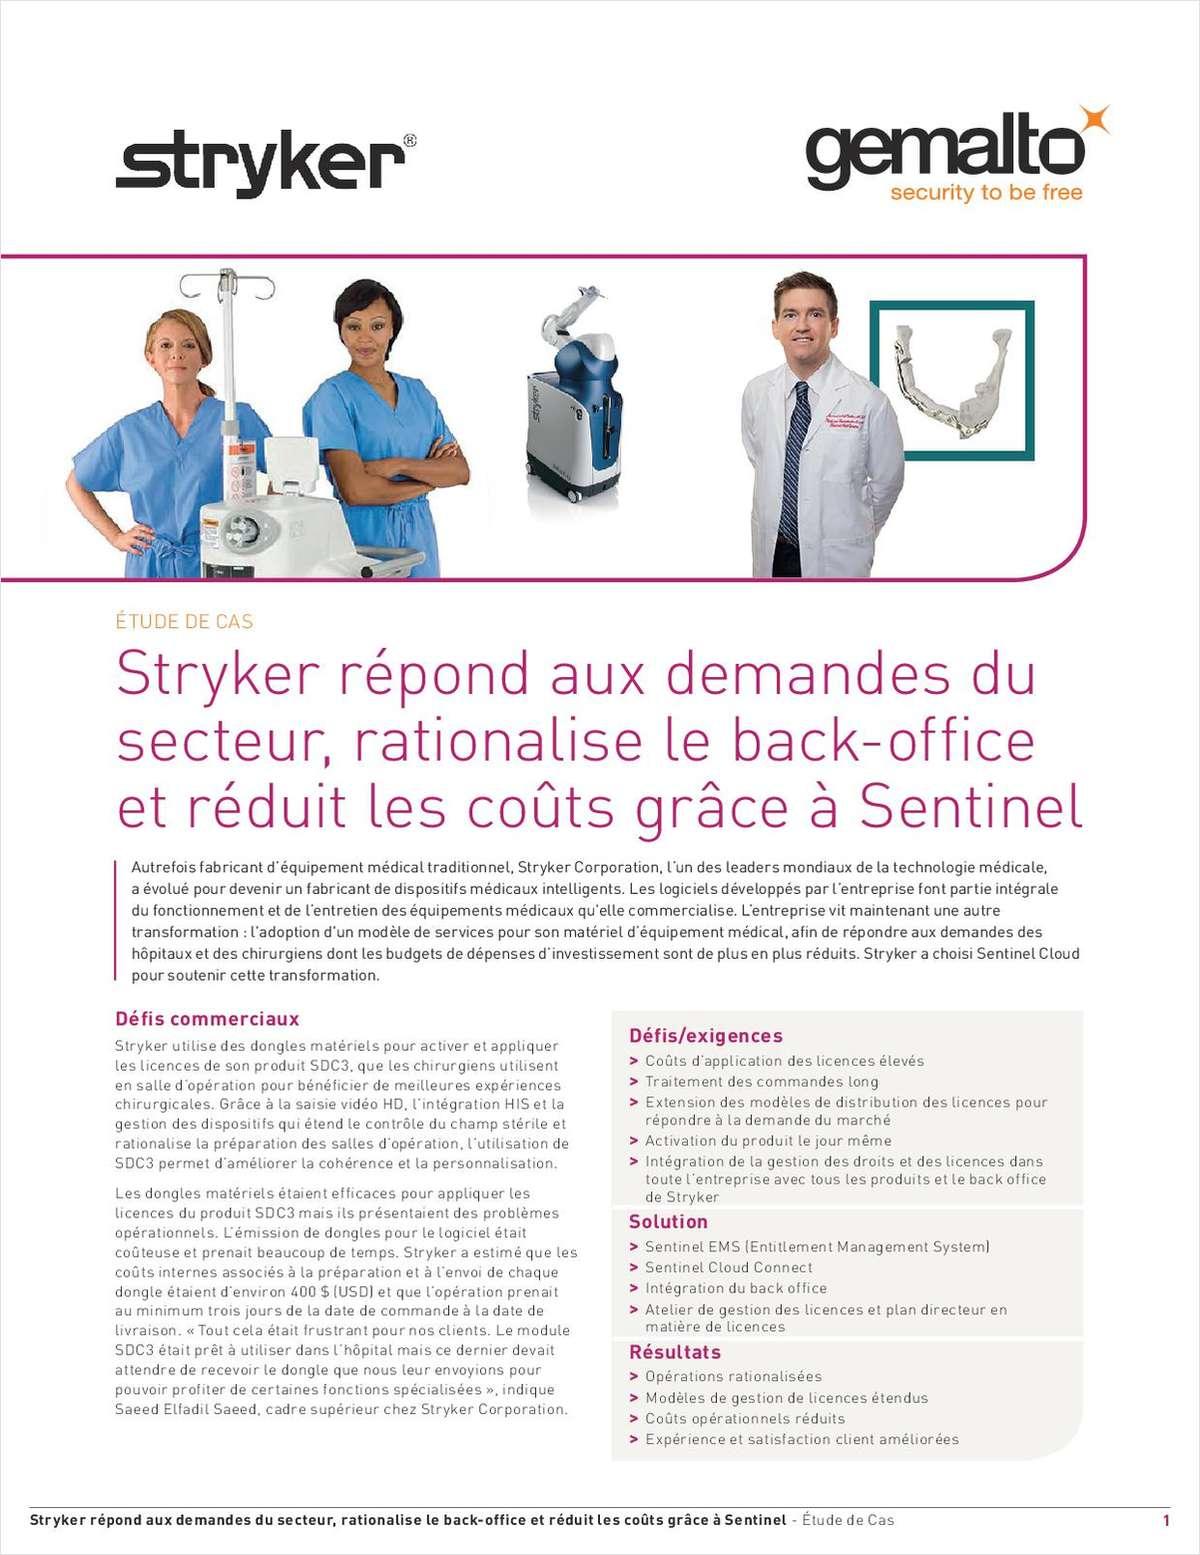 Stryker répond aux demandes du secteur, rationalise le back-office  et réduit les coûts grâce à Sentinel.